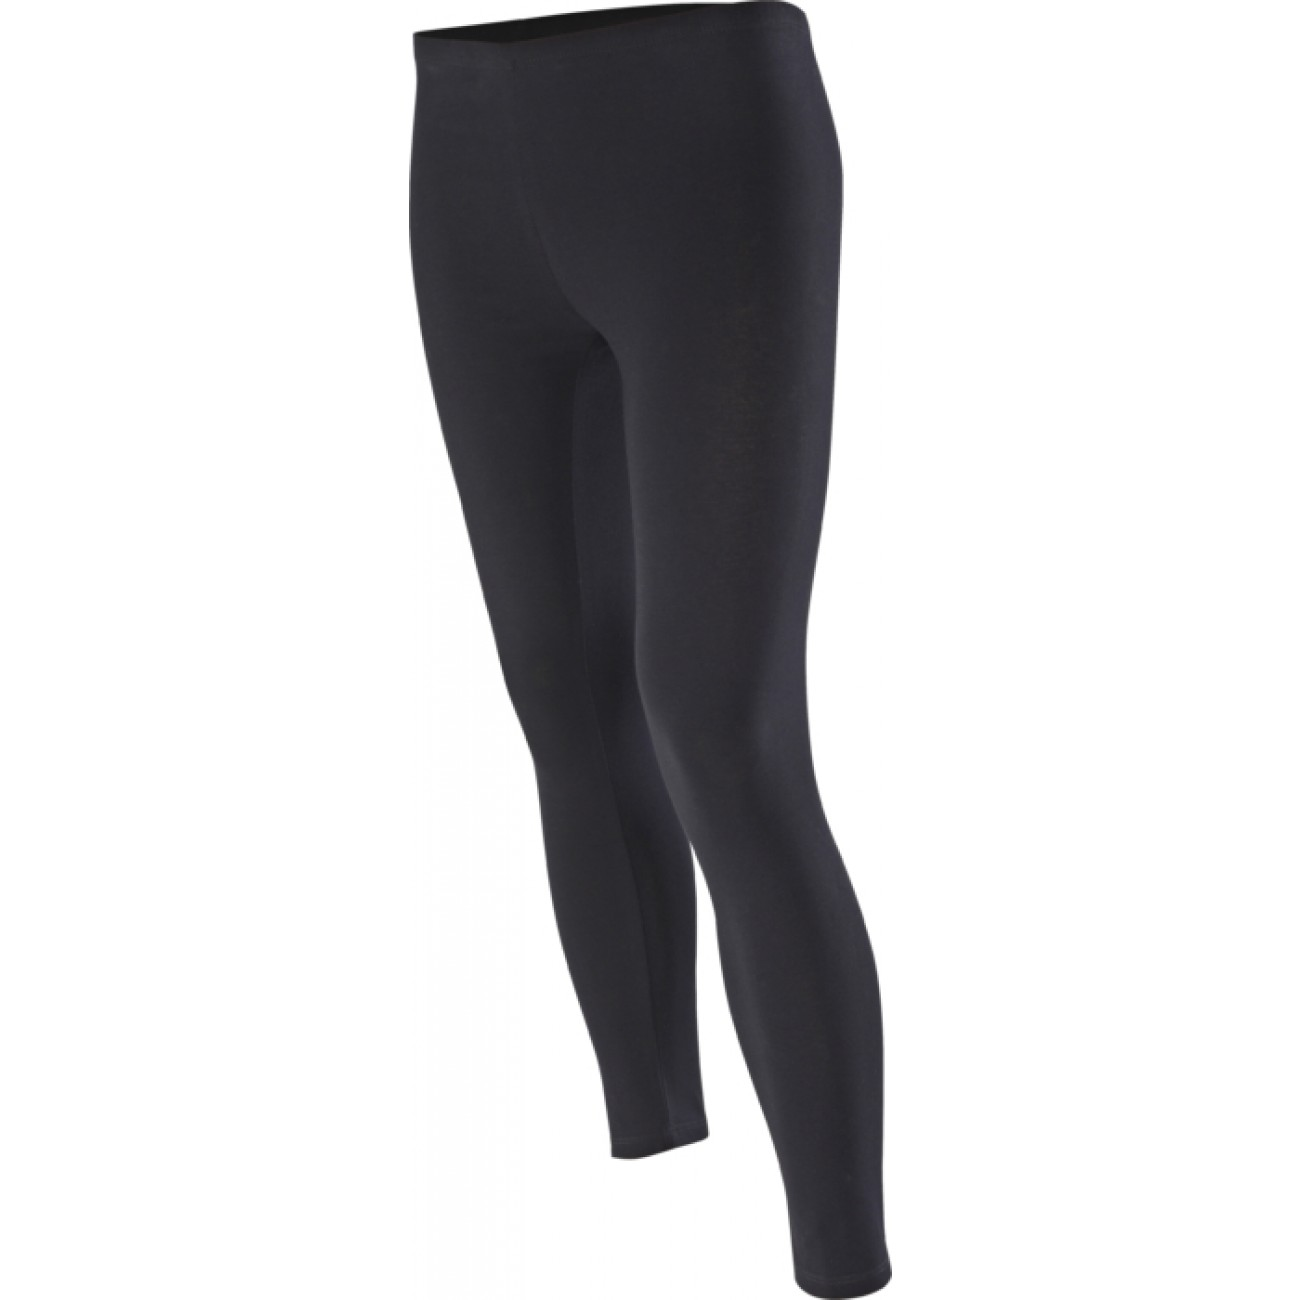 Femme Legging Fitness Chaud Sport Et Mode Vetement TzzB6wxP